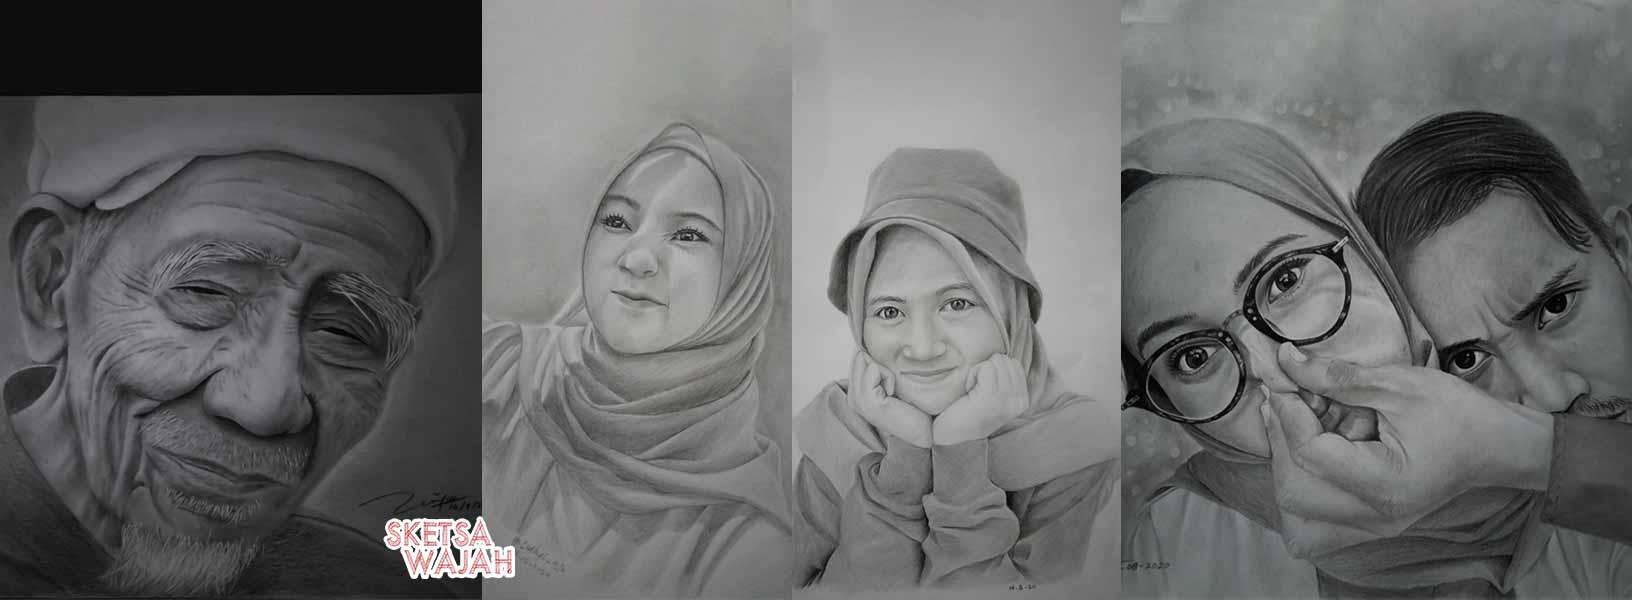 Karya Luthfi Sketch sketcher Sketsa Wajah